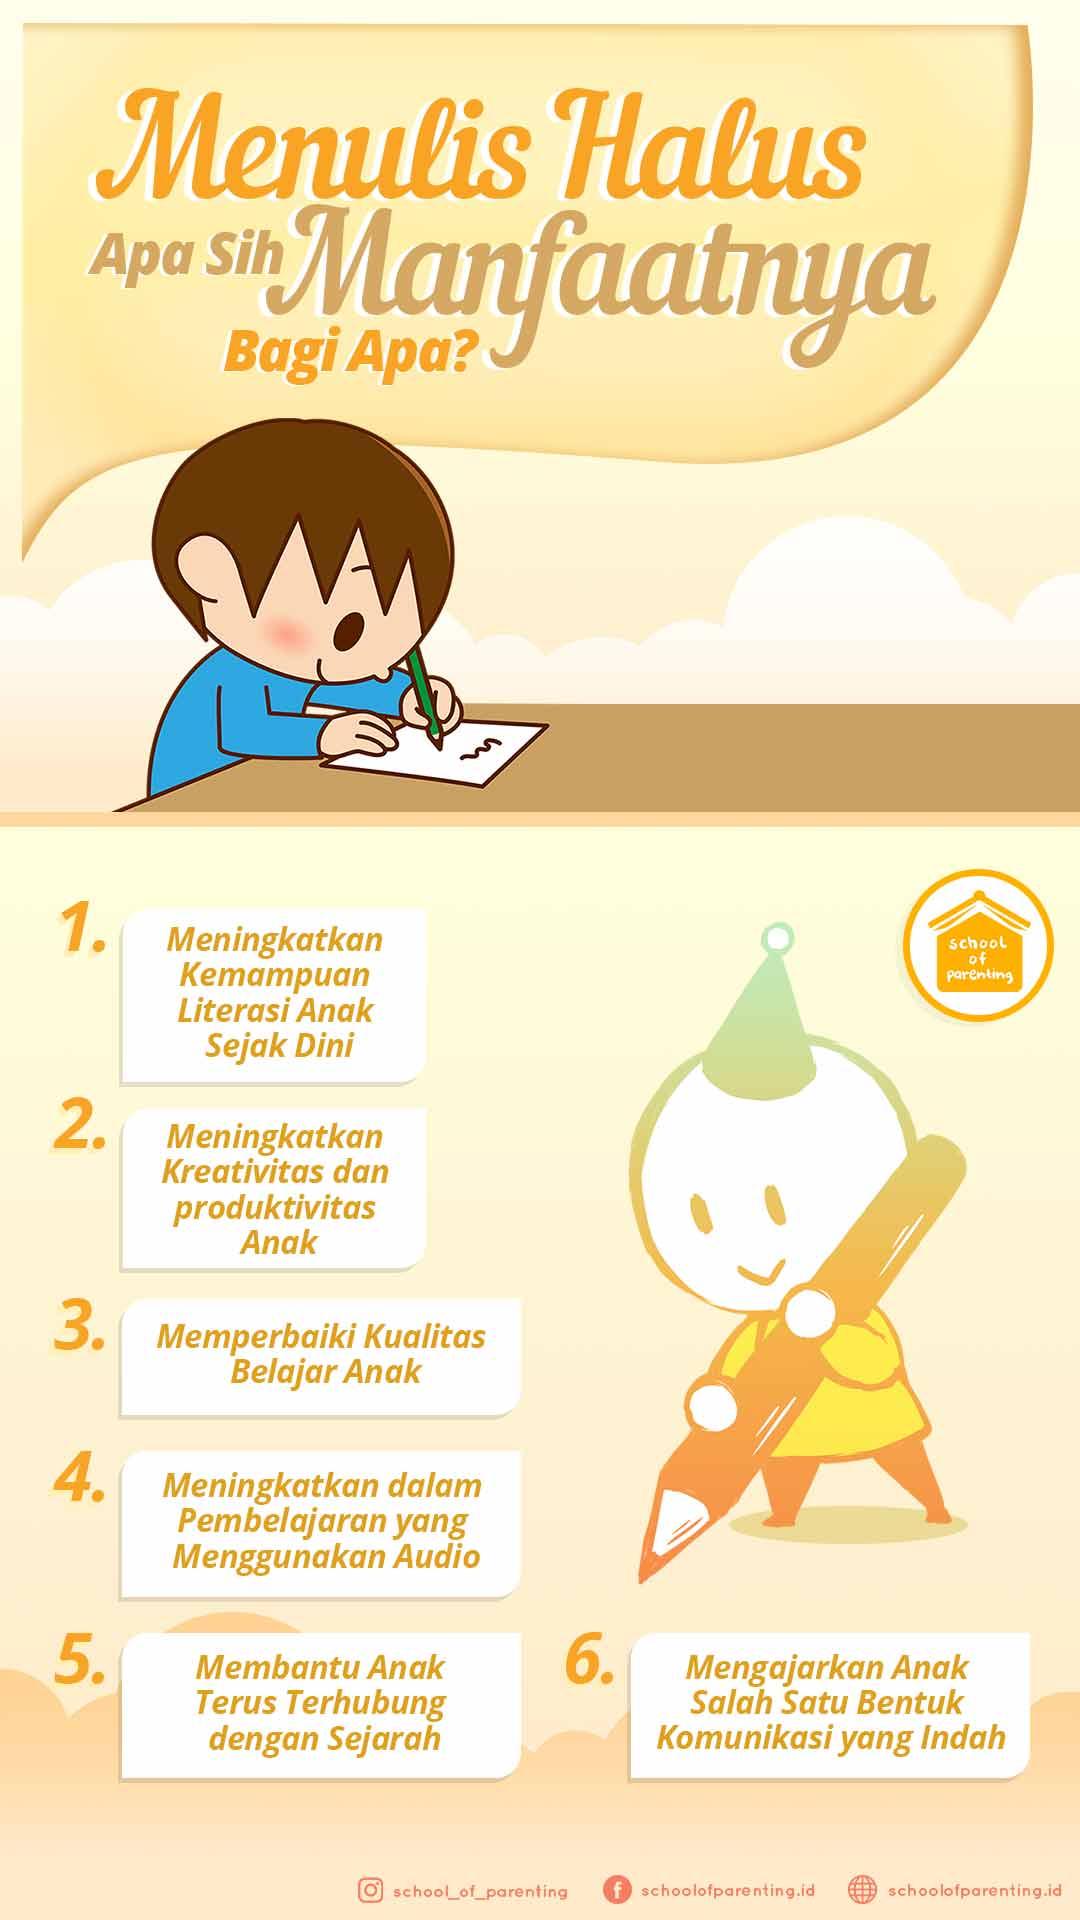 manfaat menulis halus untuk anak